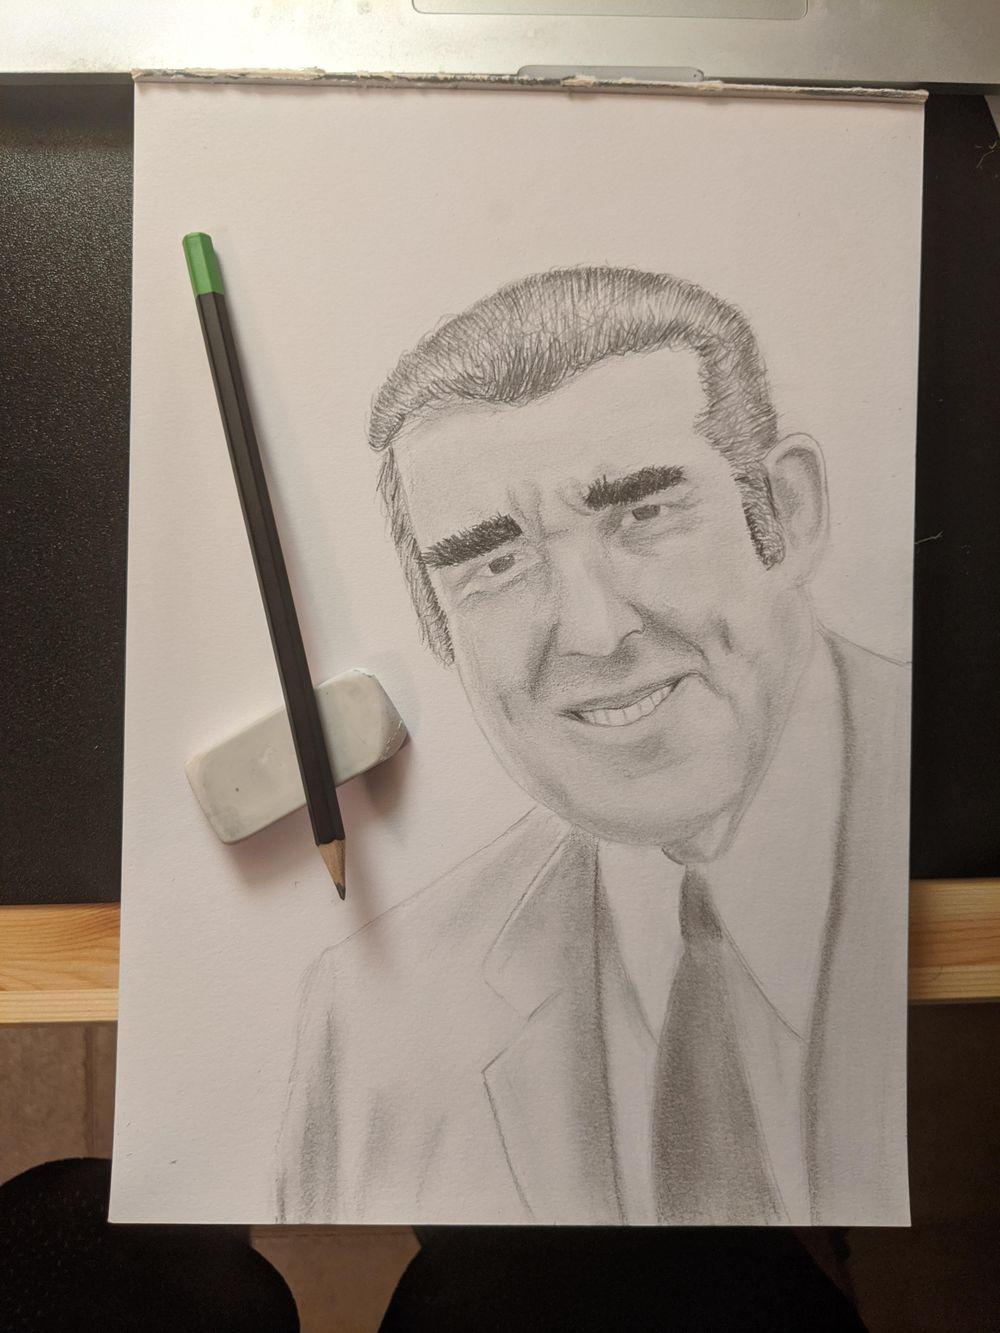 Pencil Portrait Sketch - image 2 - student project